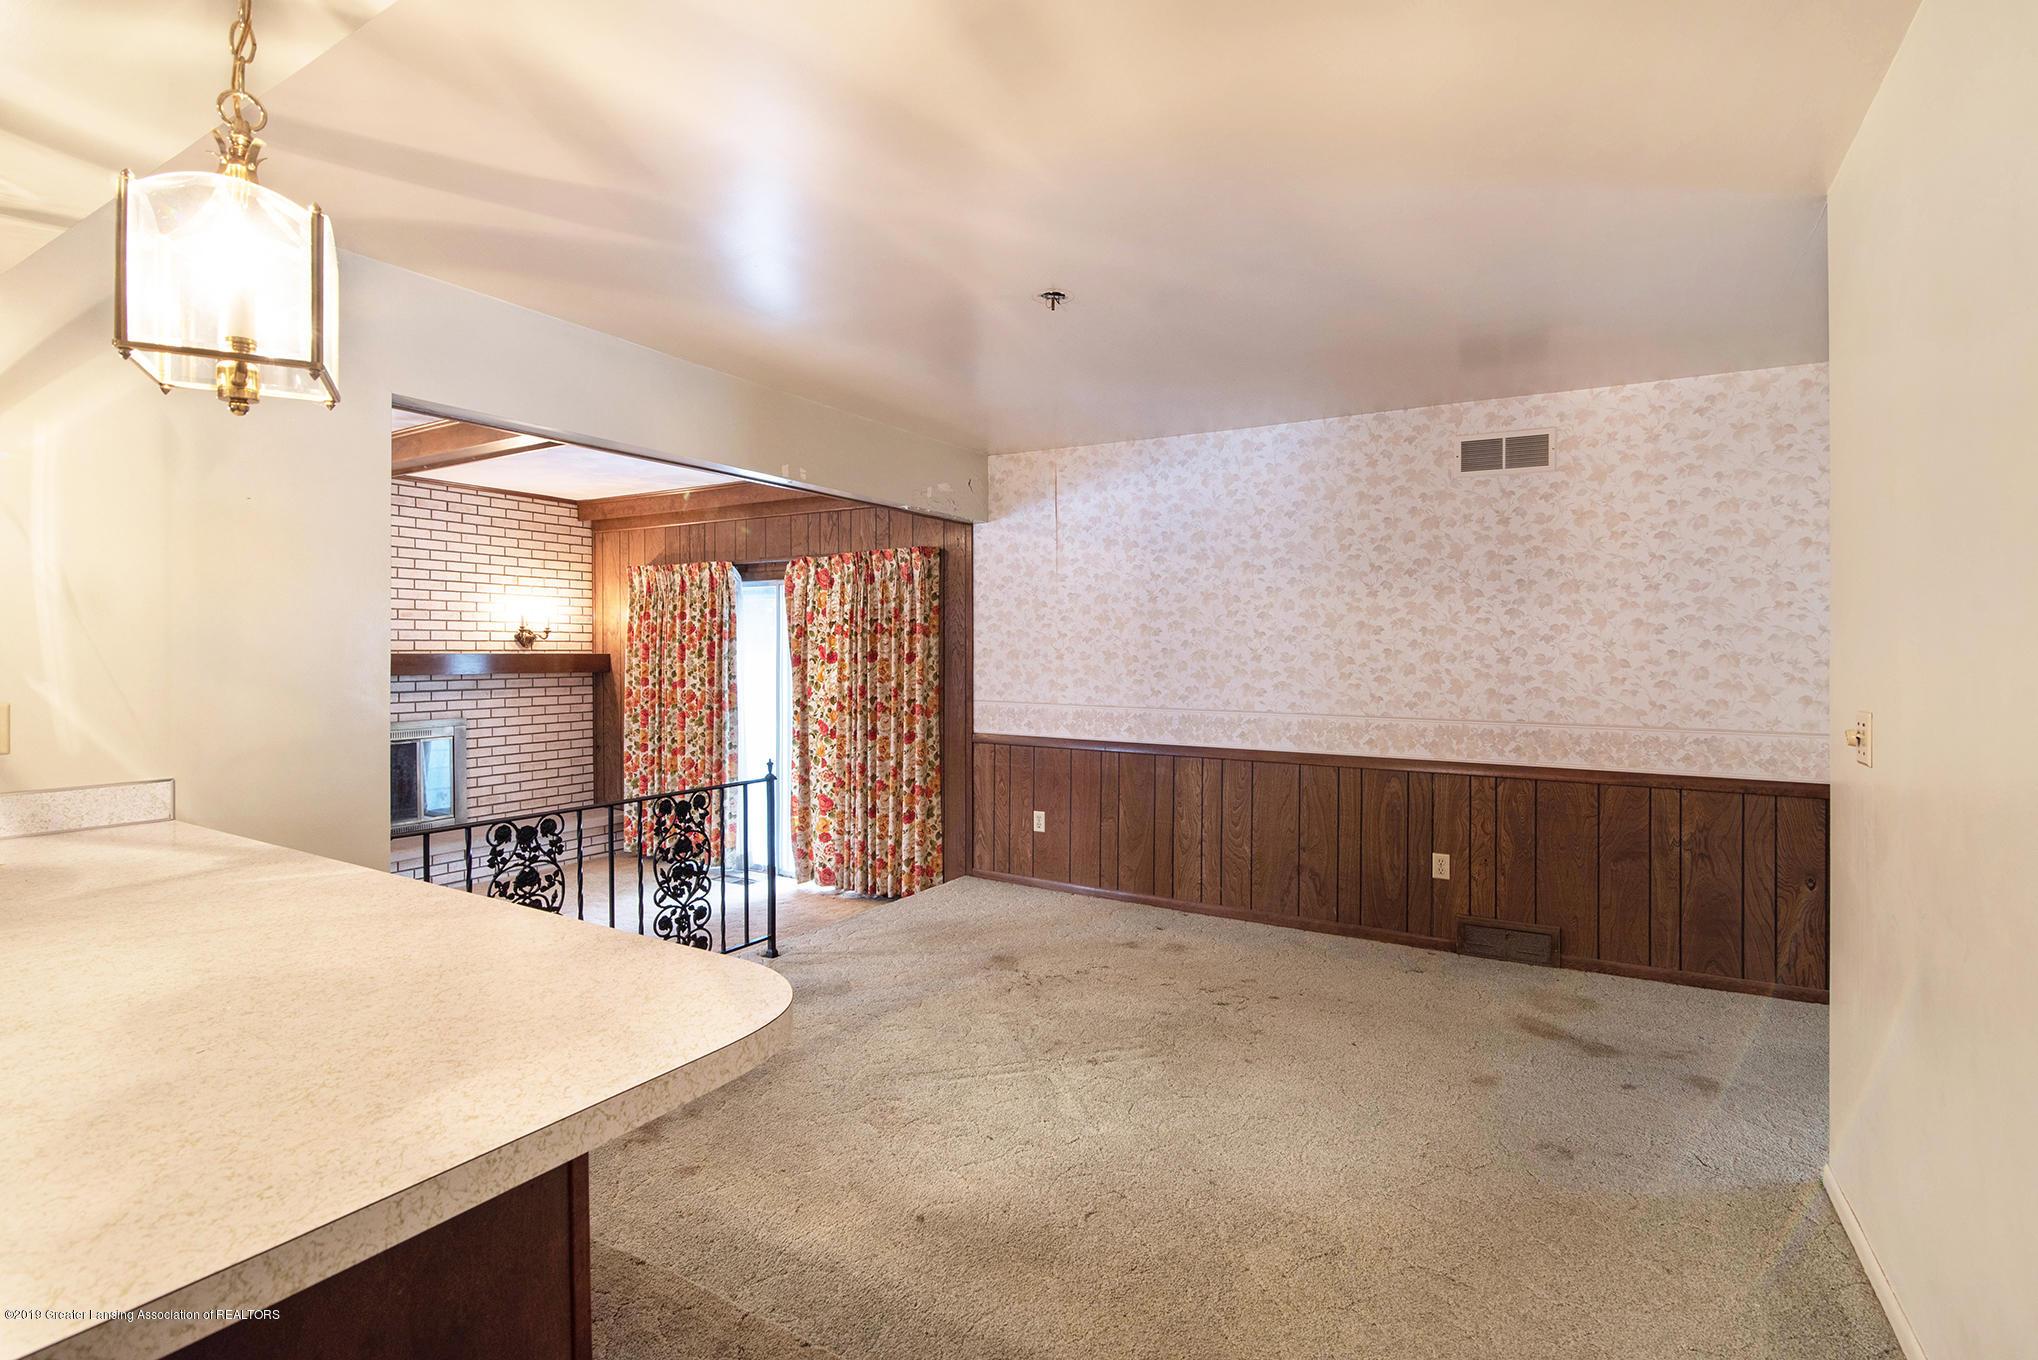 1424 N Homer St - Floor plan - 9